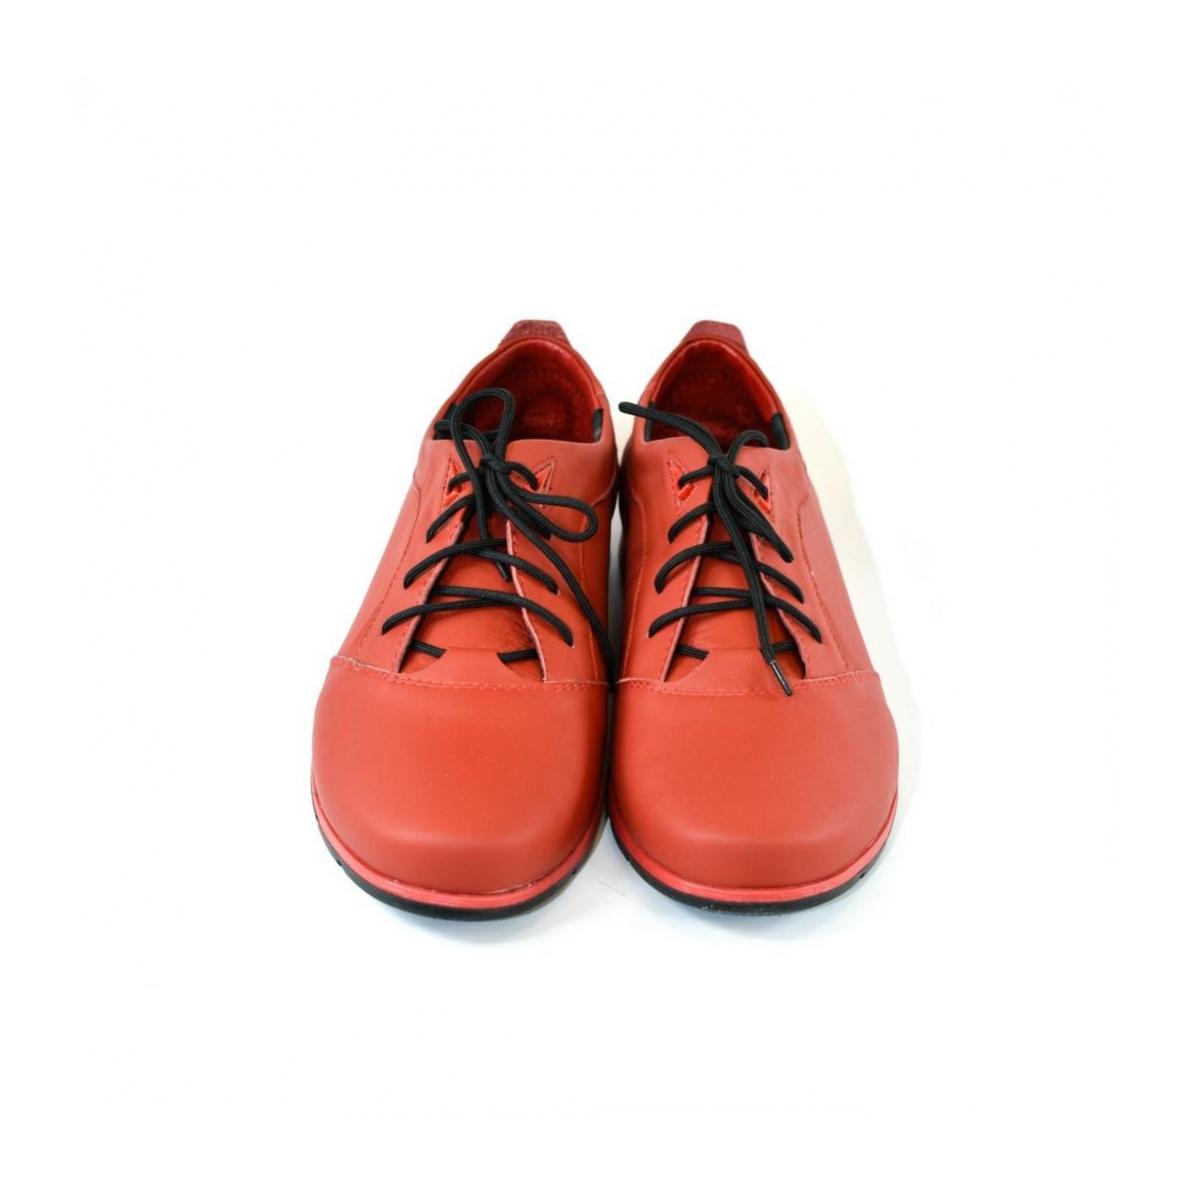 c56500c97c2b9 Pánske kožené červené topánky KEIT - 5